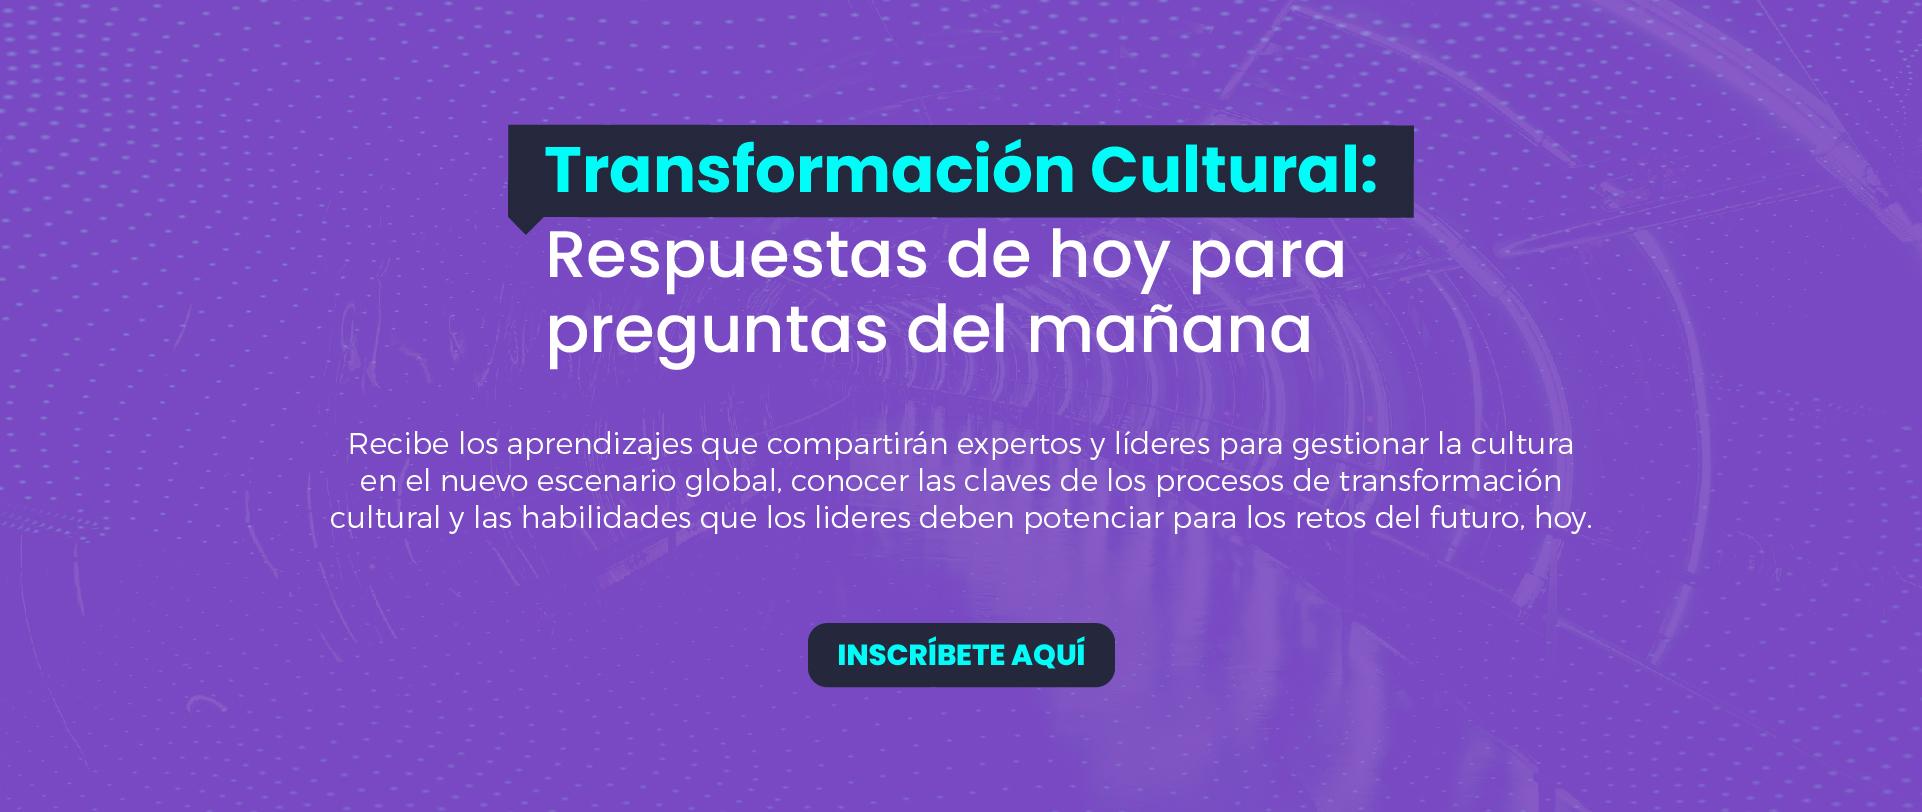 Transformación Cultural: Respuestas de hoy para preguntas del mañana